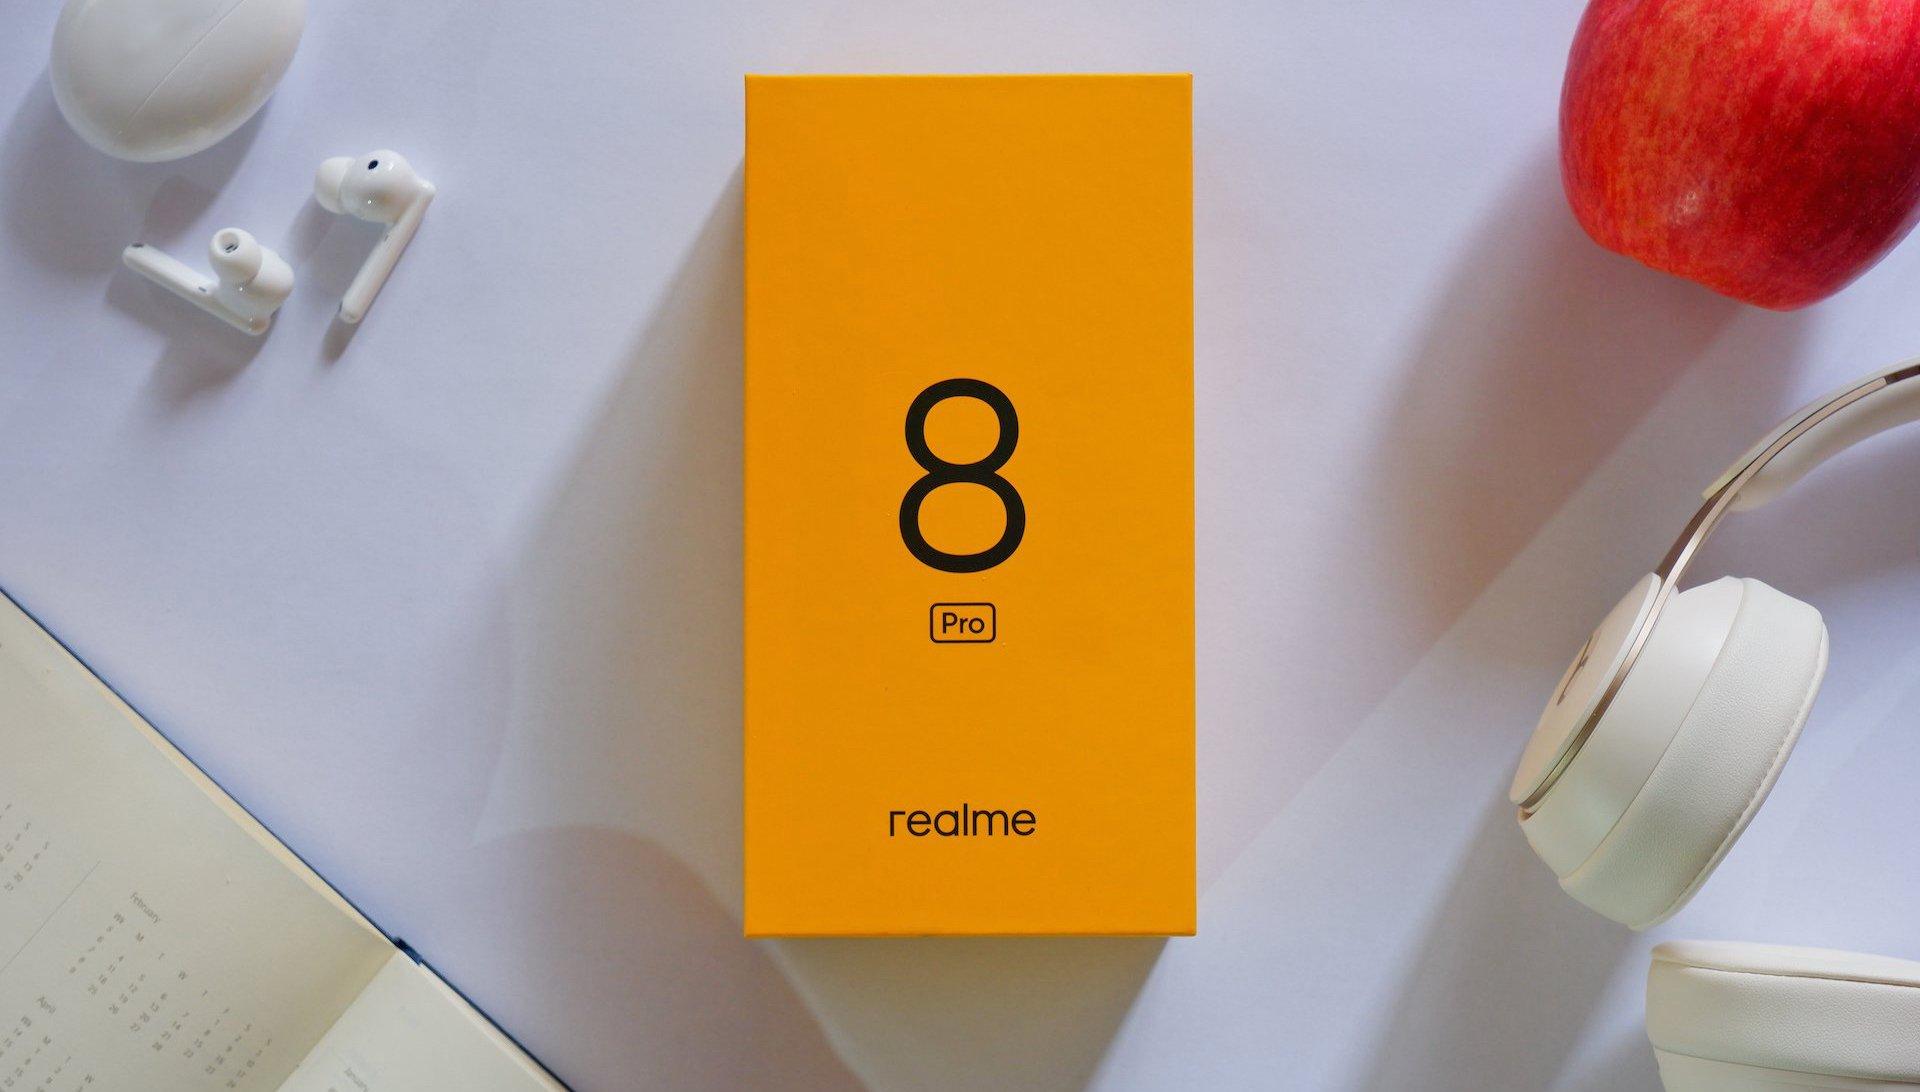 Realme 8 Pro soutez